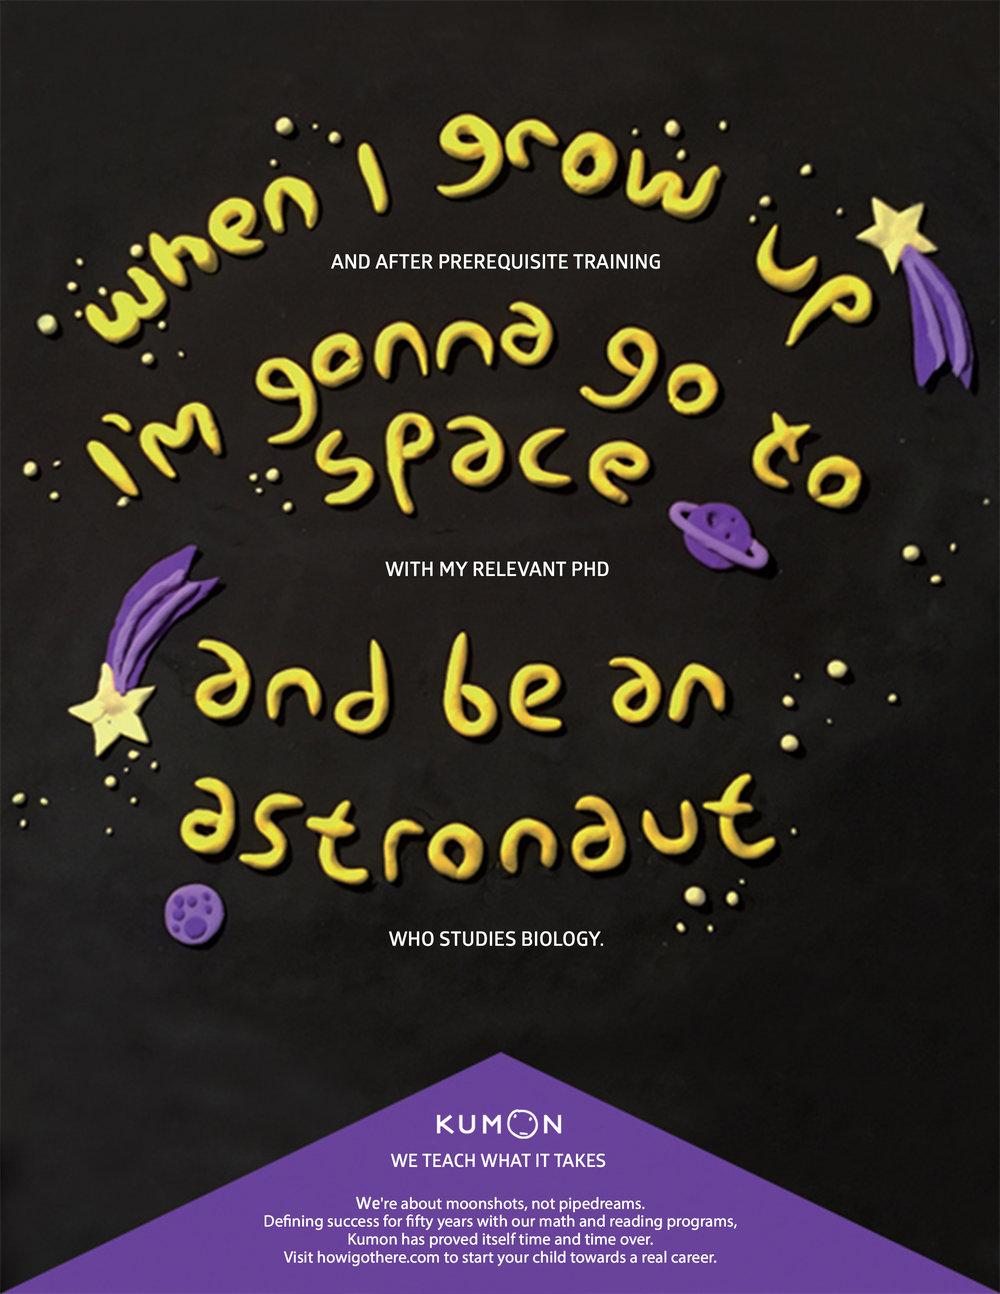 Kumon_space_9.14.16.jpg